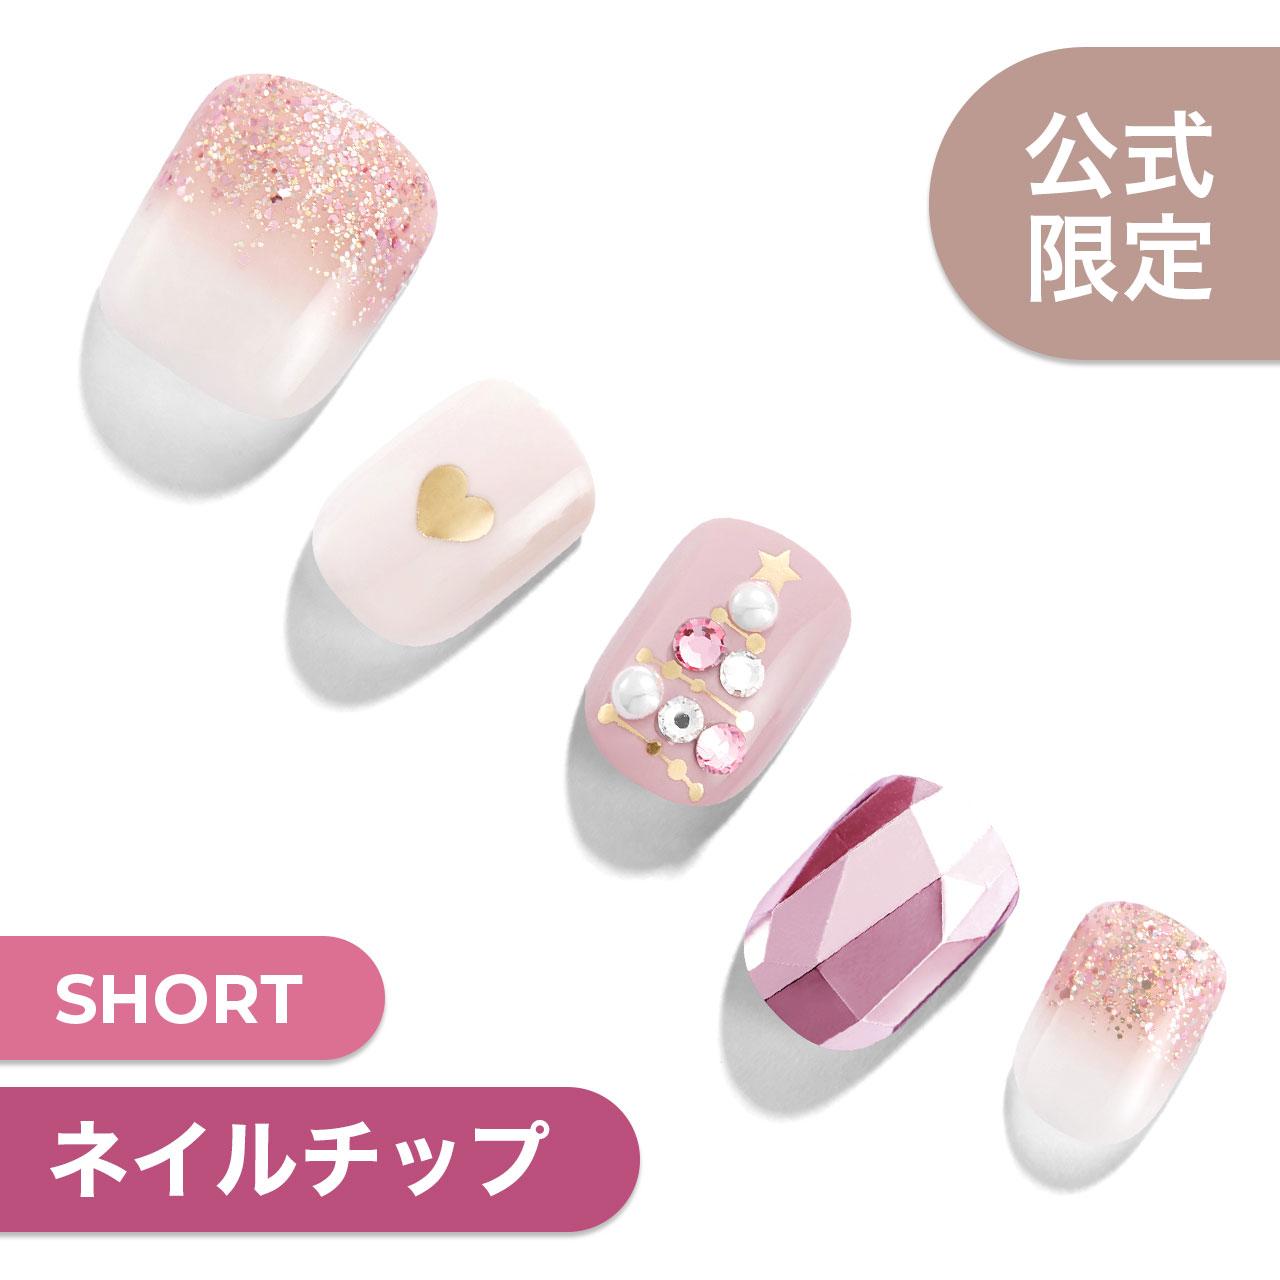 【Merry Pink】ダッシングディバマジックプレス